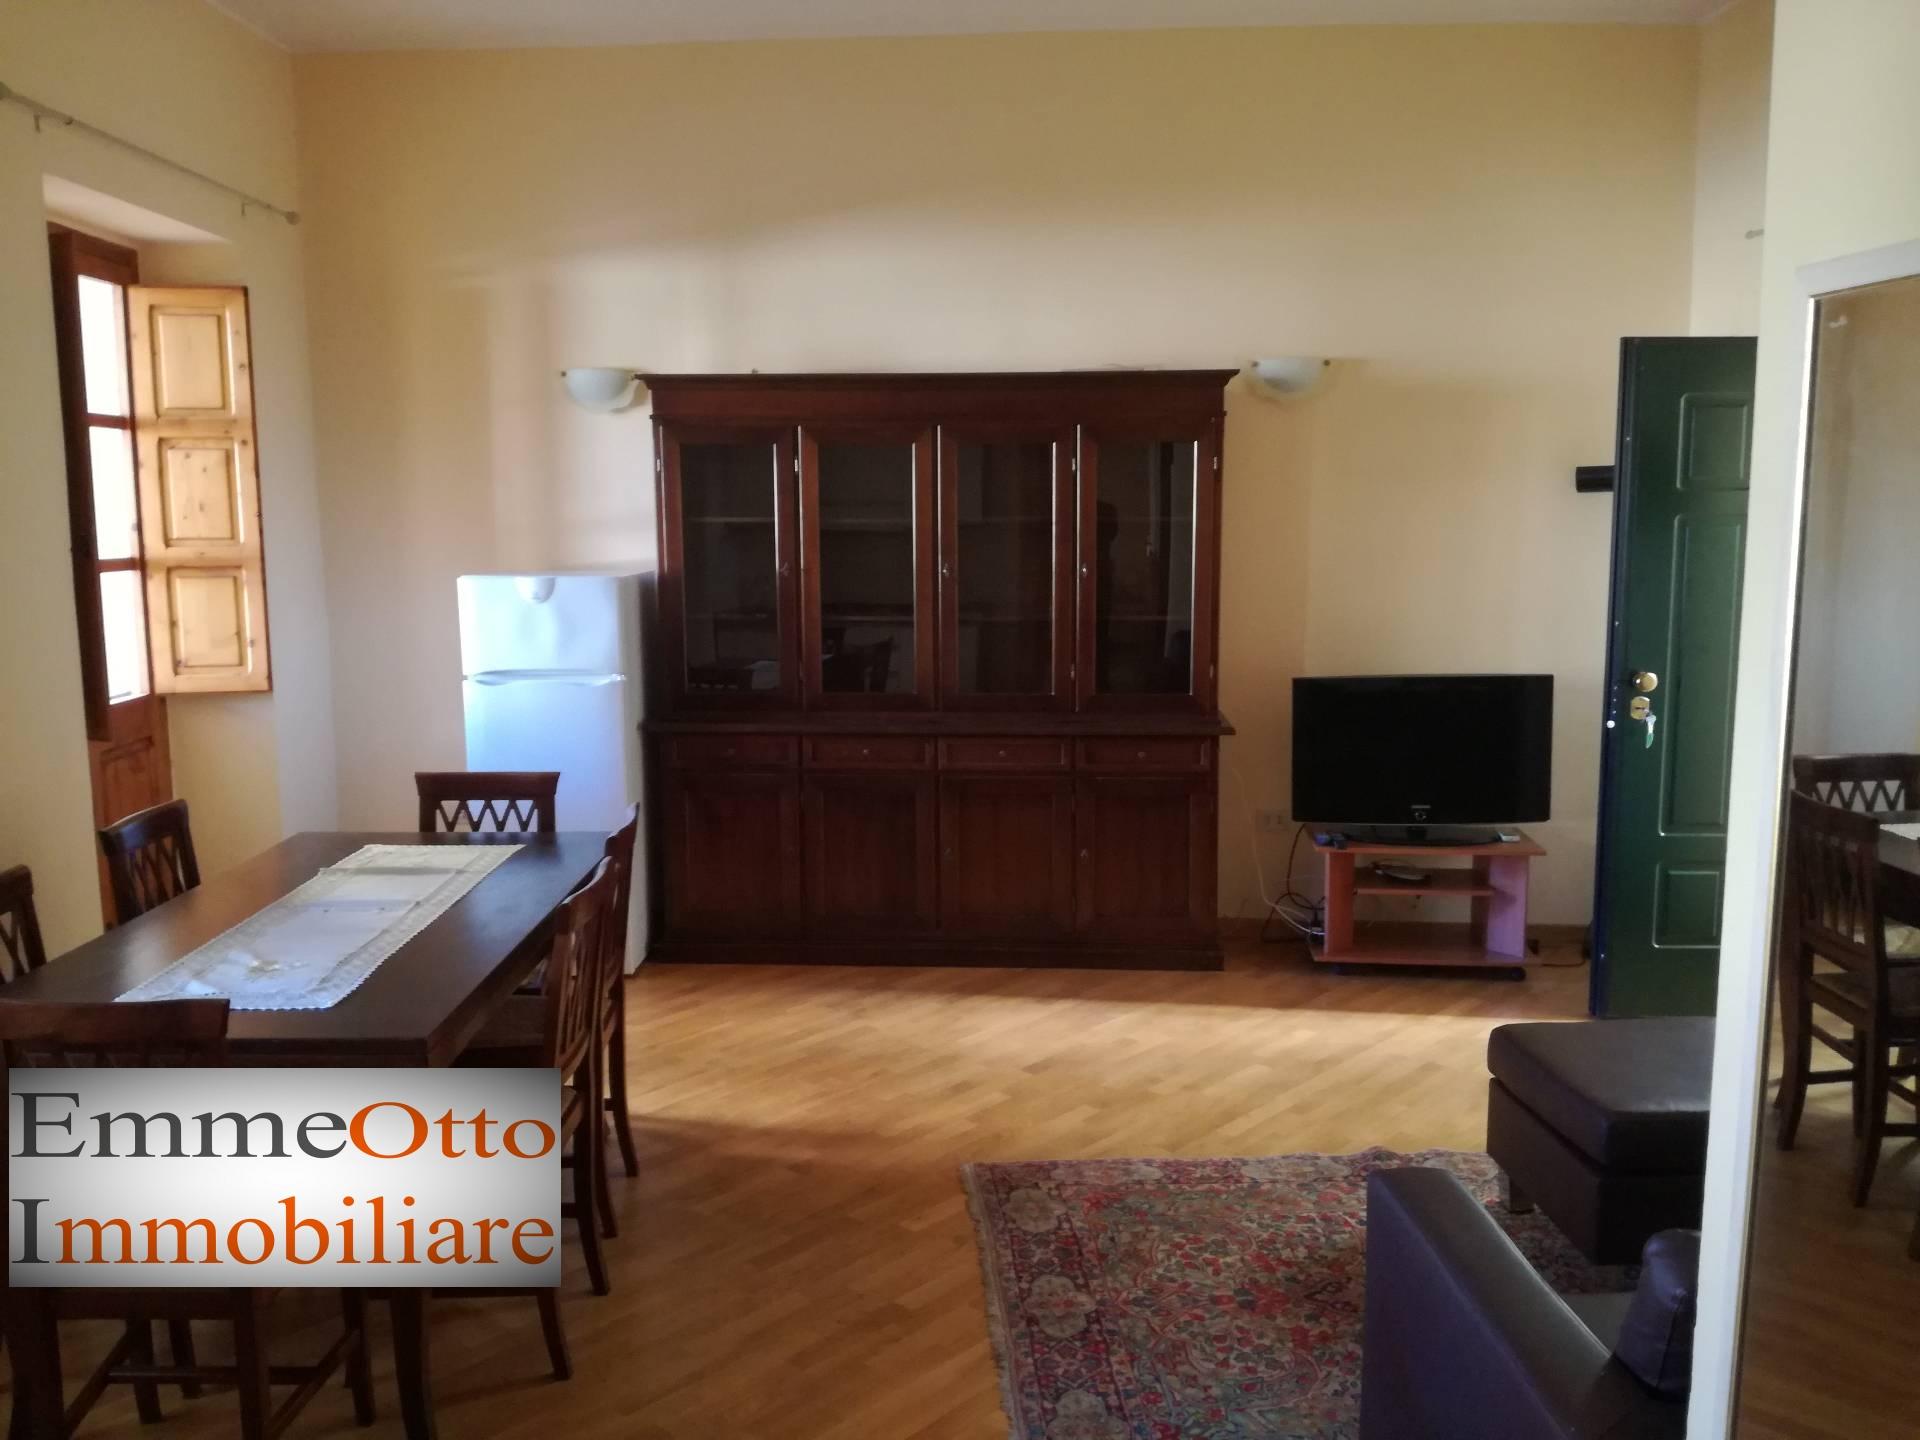 Appartamento in affitto a Cagliari, 2 locali, zona Località: SanBenedetto, prezzo € 630   CambioCasa.it